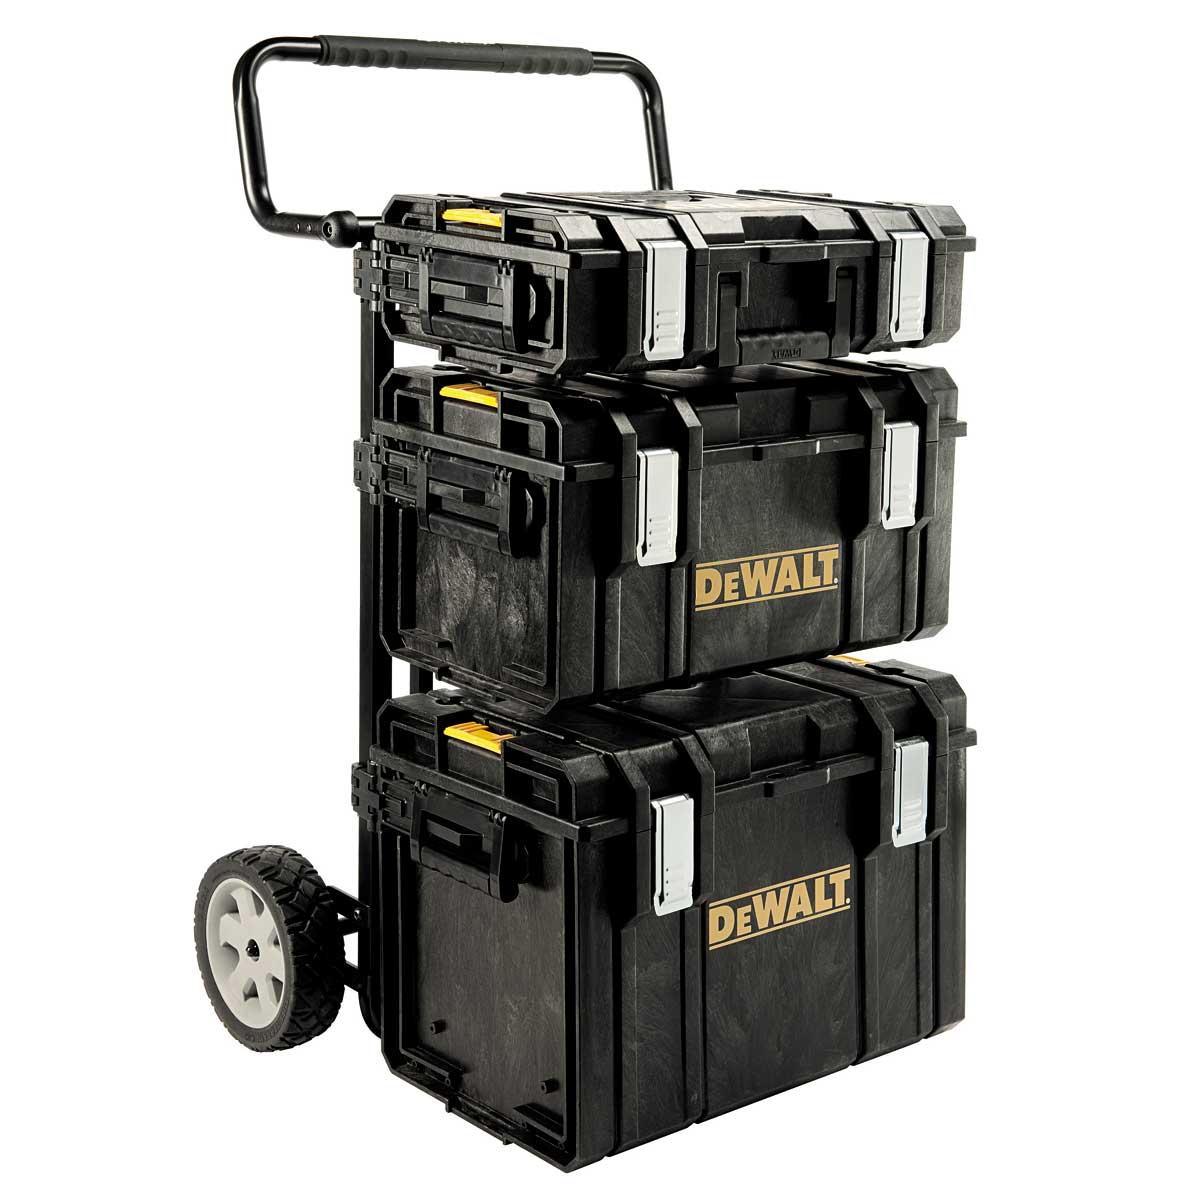 1-70-349 DeWALT Kompletní set kufrů Tough Box a přepravního vozíku DSCarrier DOPRAVA ZDARMA